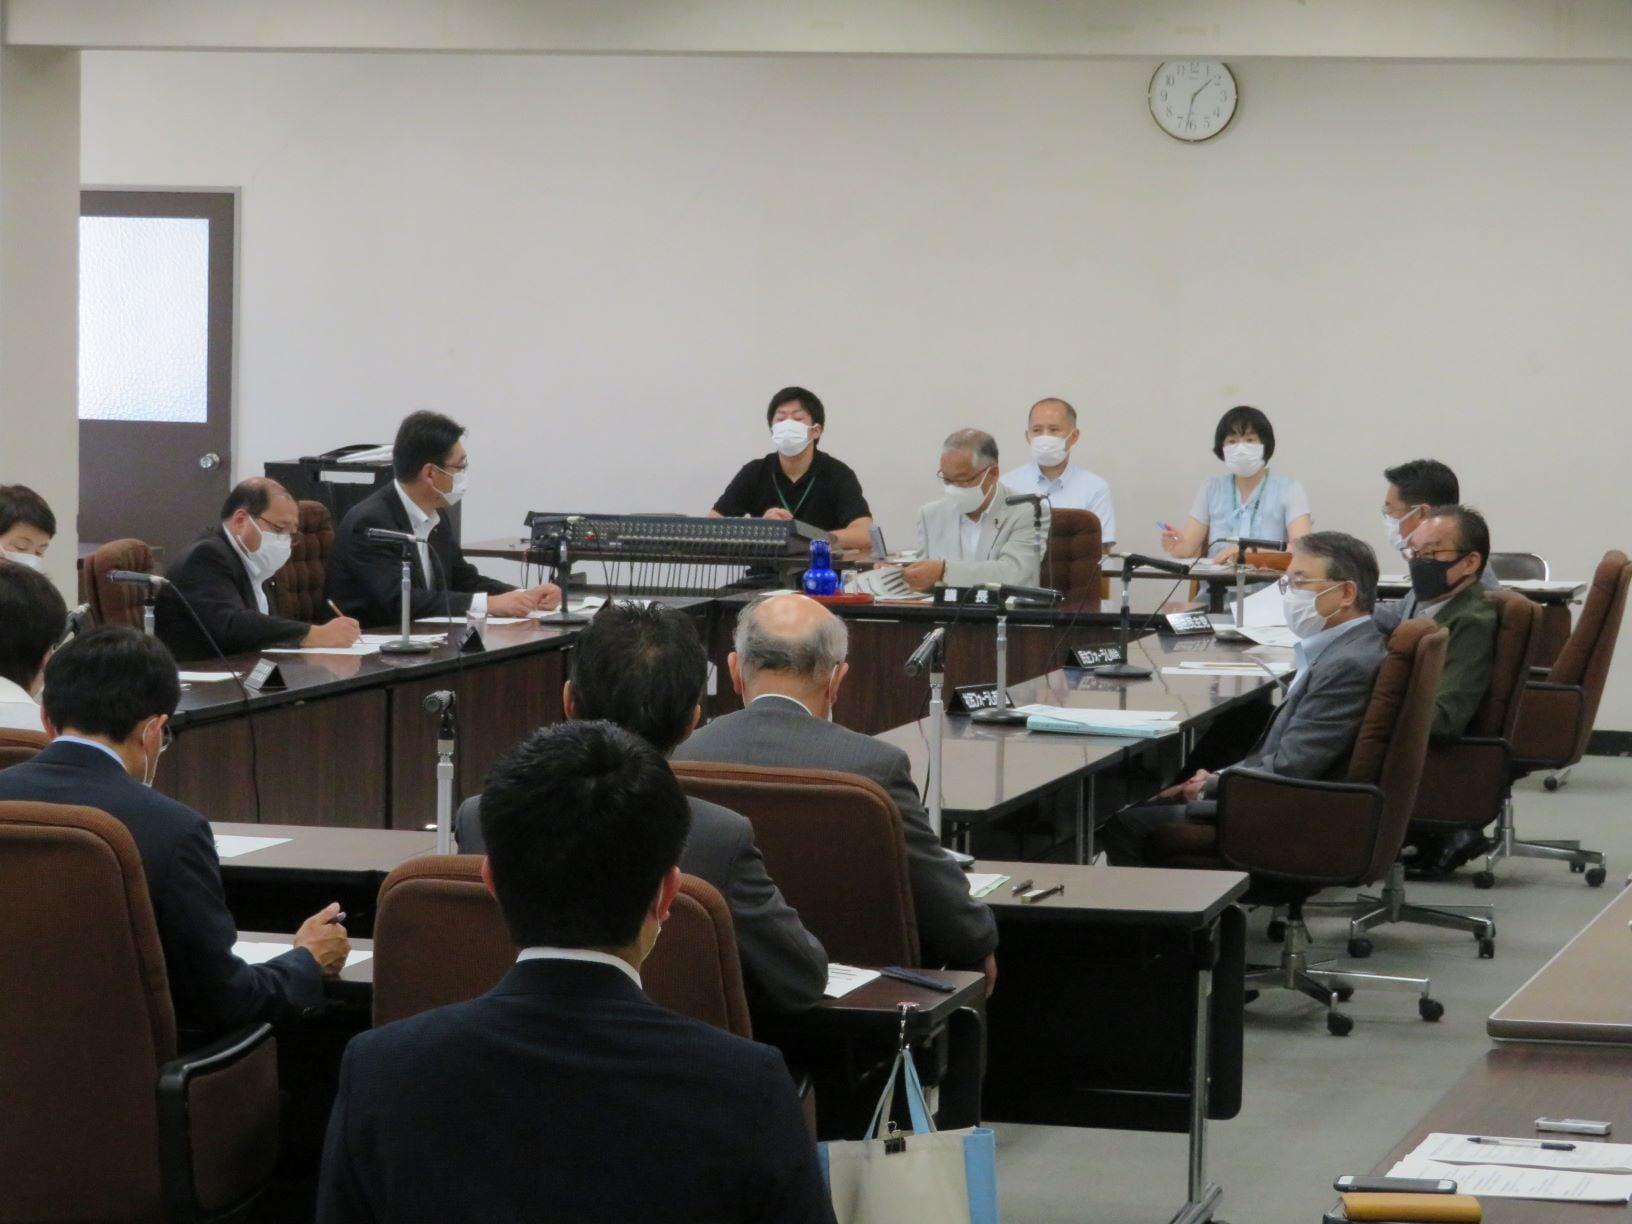 令和3年7月19日 第12回仙台市議会災害対策会議(各会派代表者会議)を開催